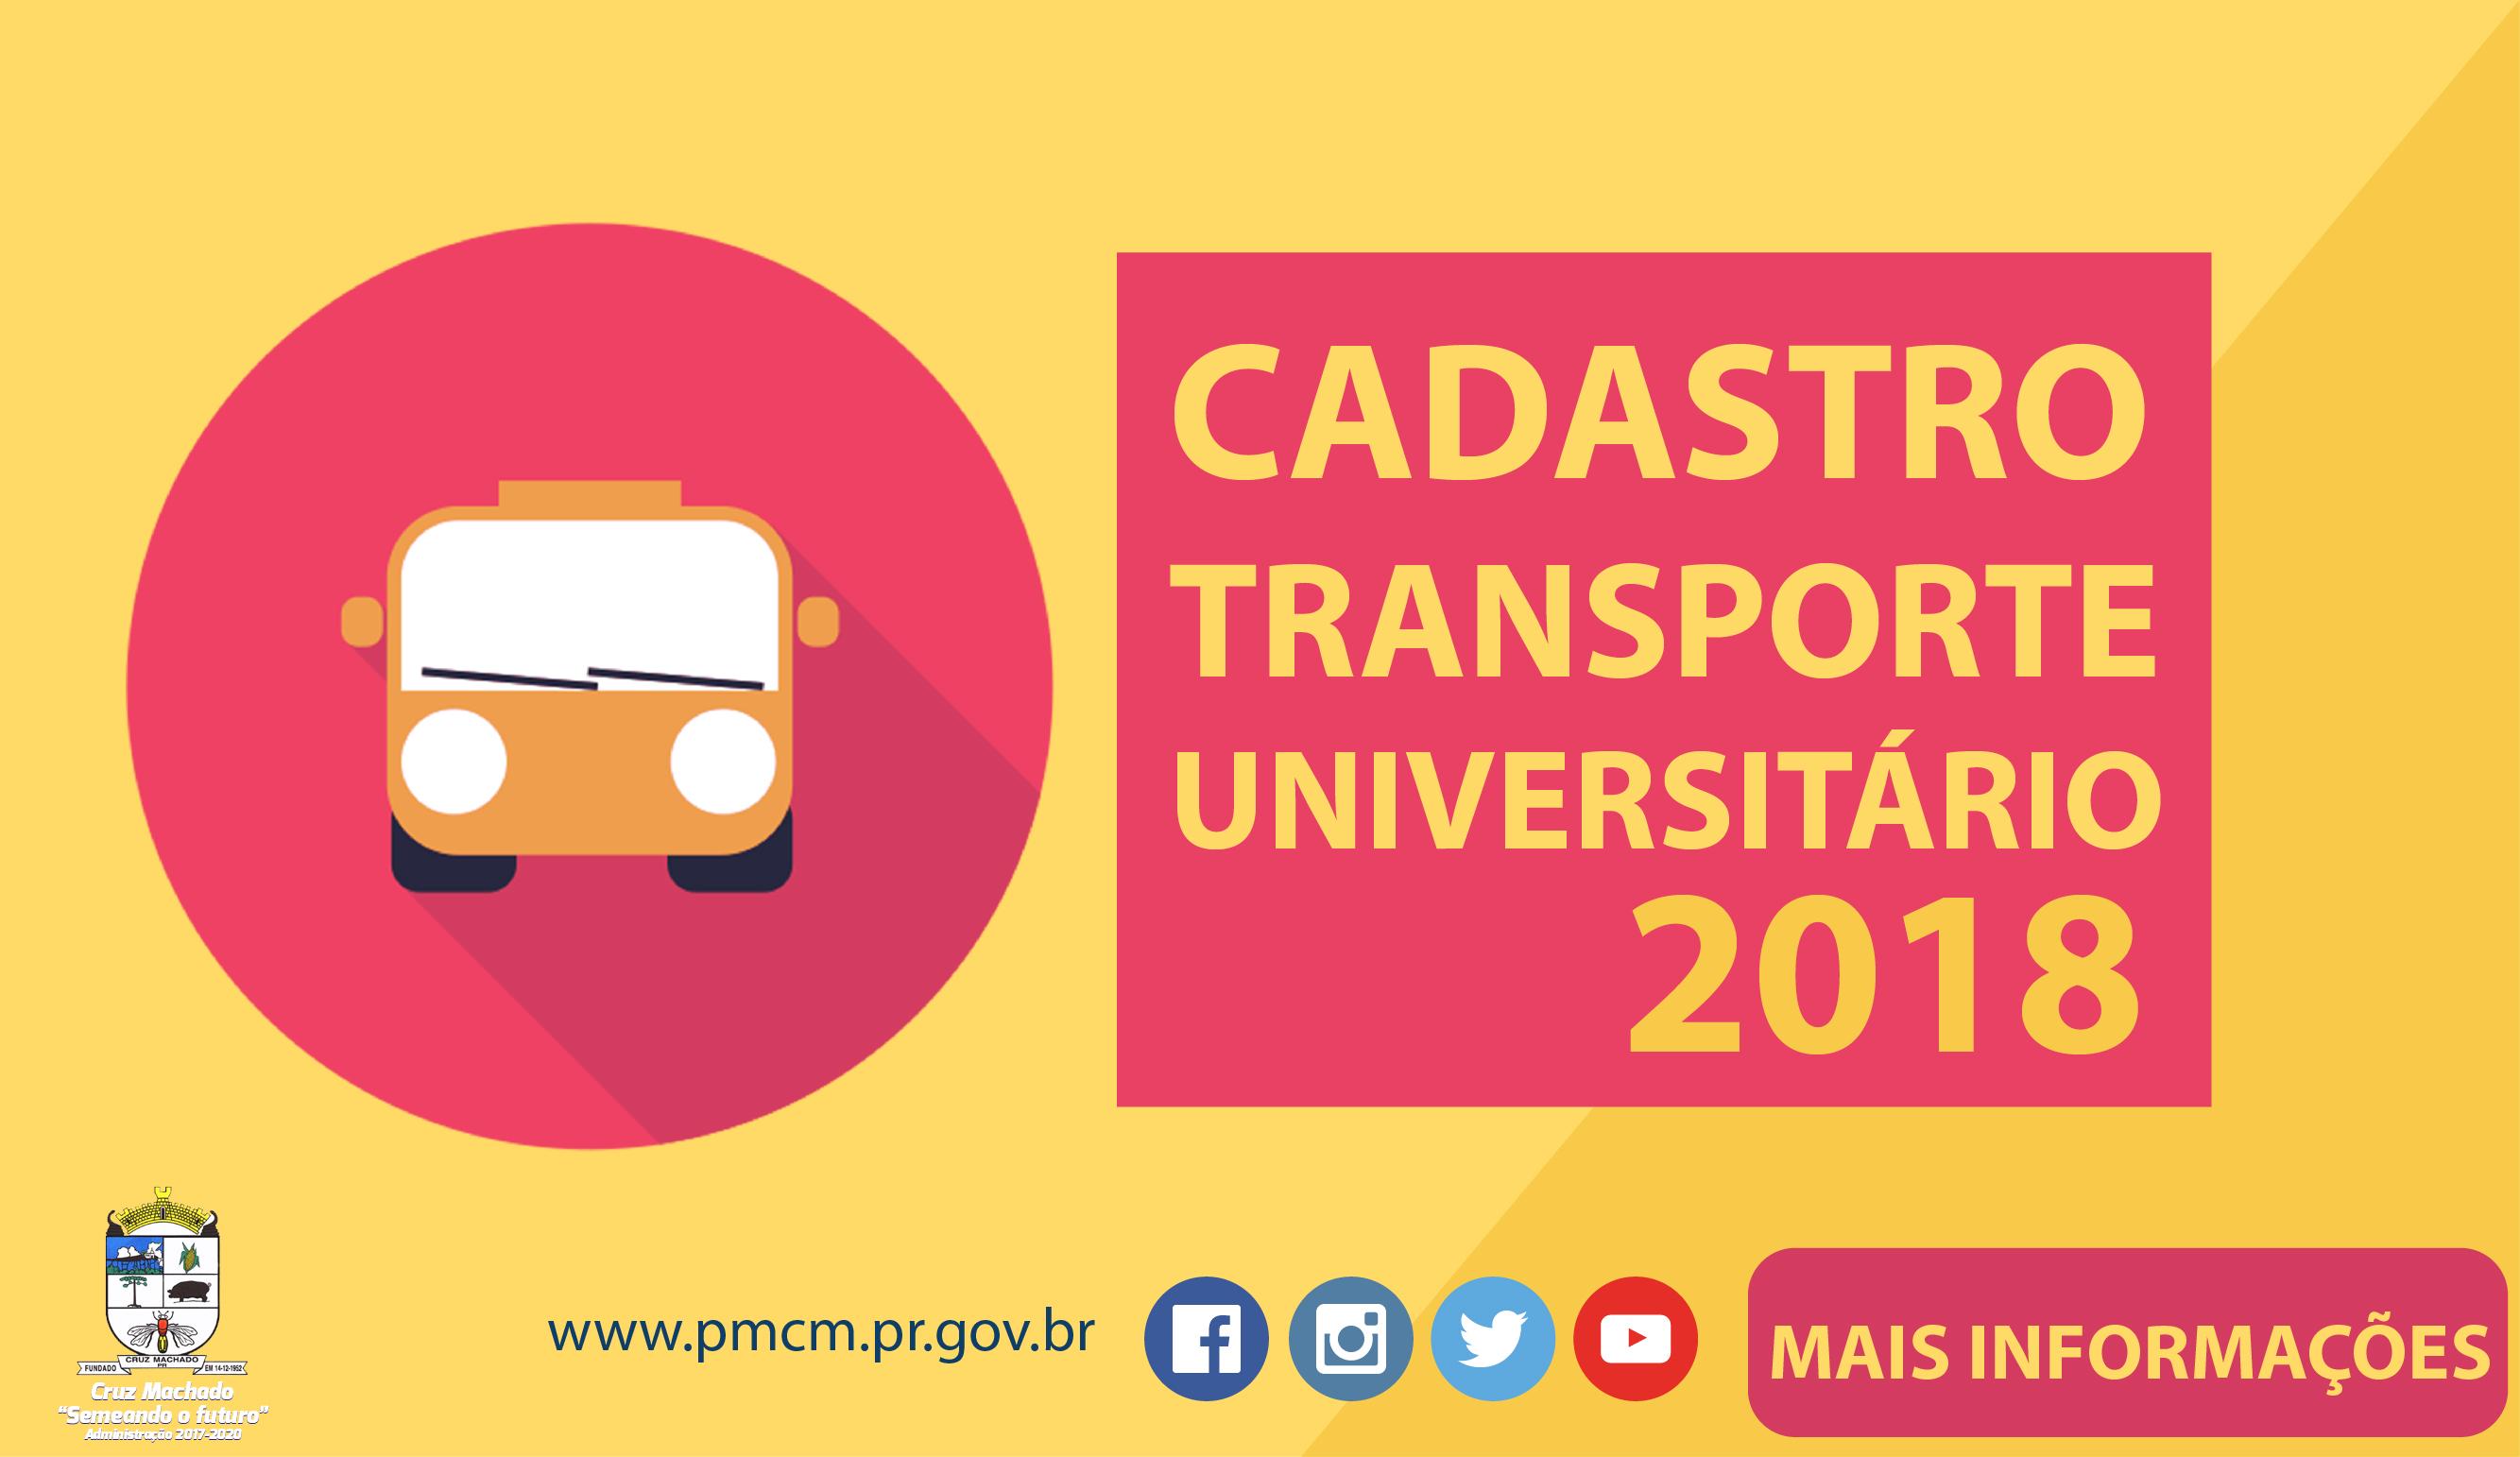 banner-cadastro-transporte-site-pmcm